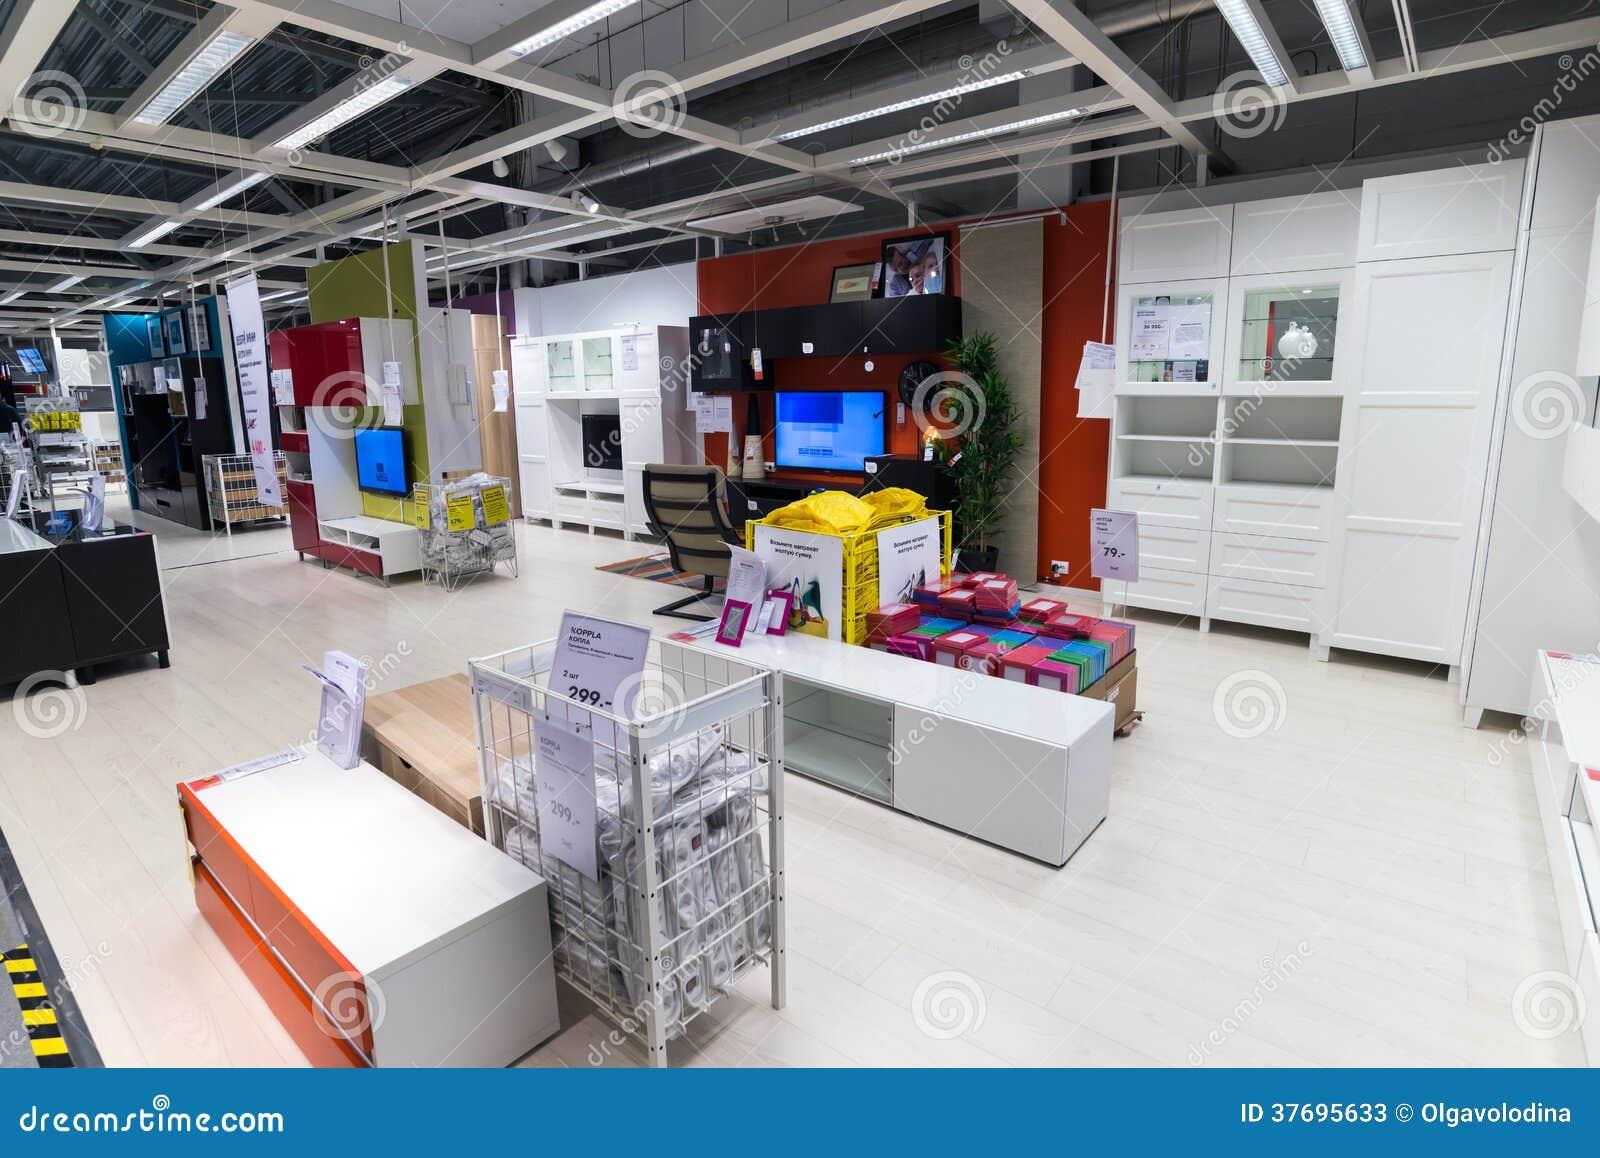 Tienda De Muebles Interior Ikea Foto de archivo editorial - Imagen: 37695633